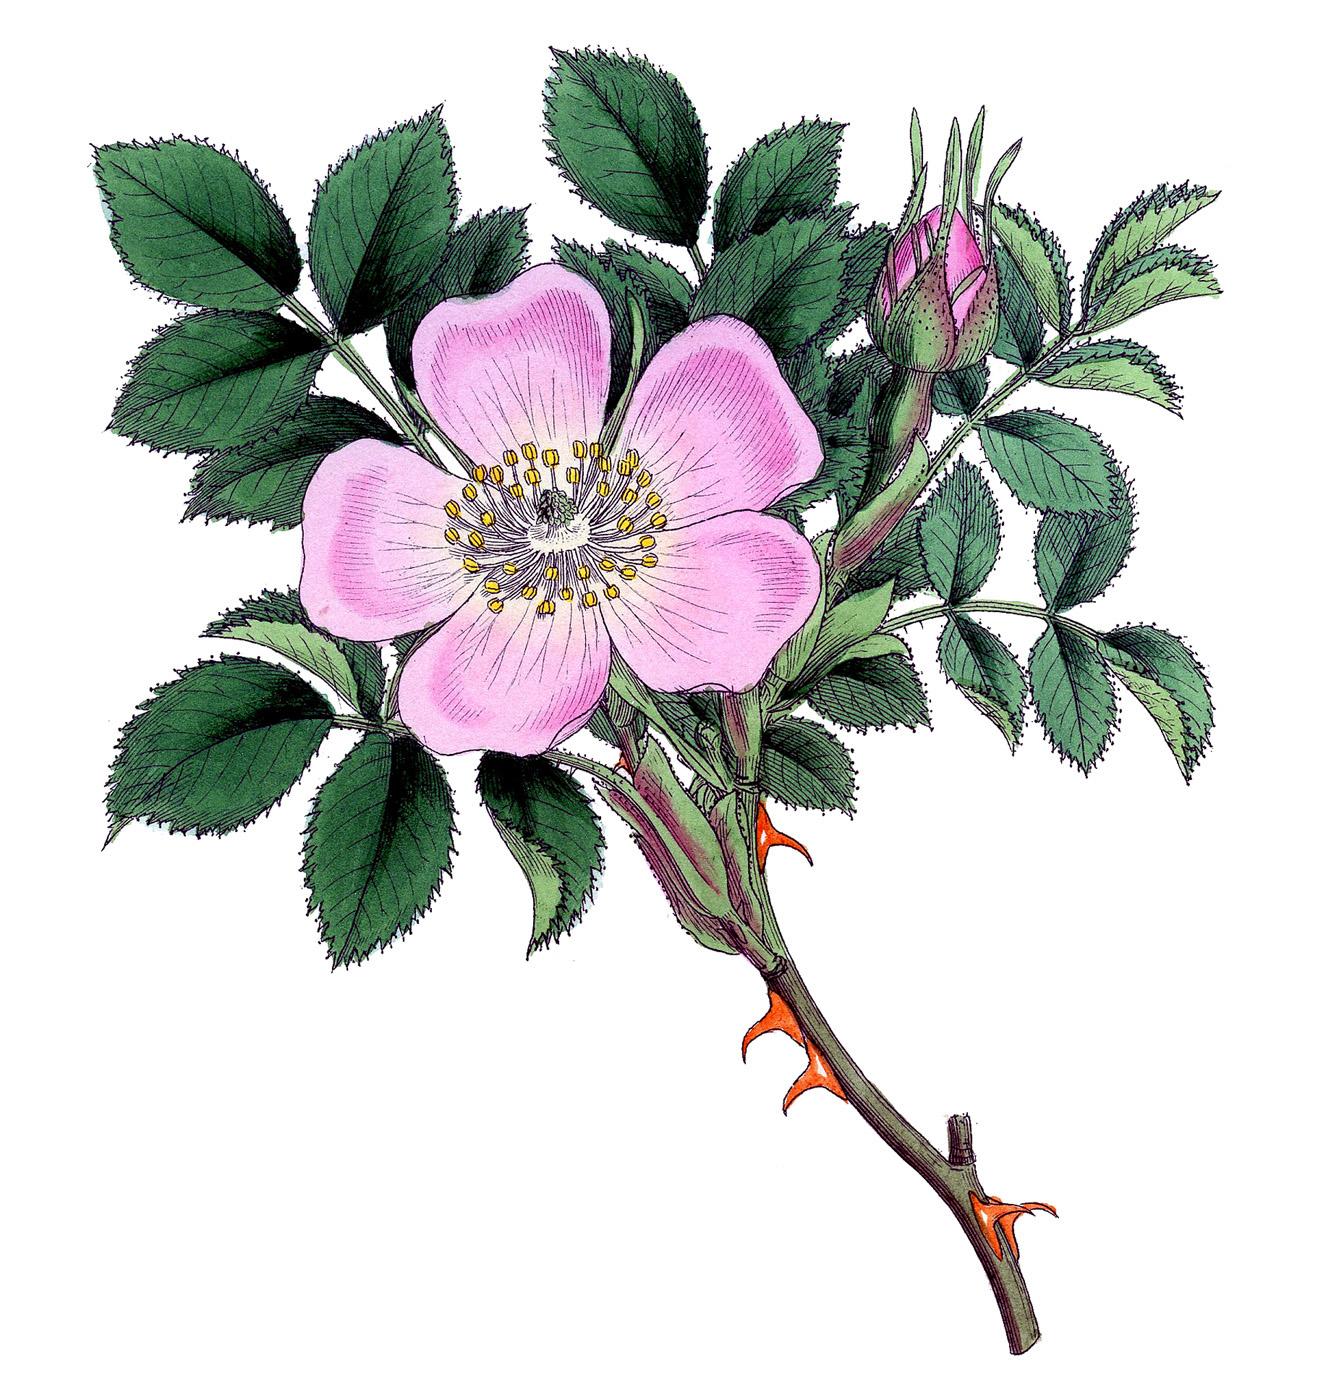 Rose Flower: 17 Wild Rose Images